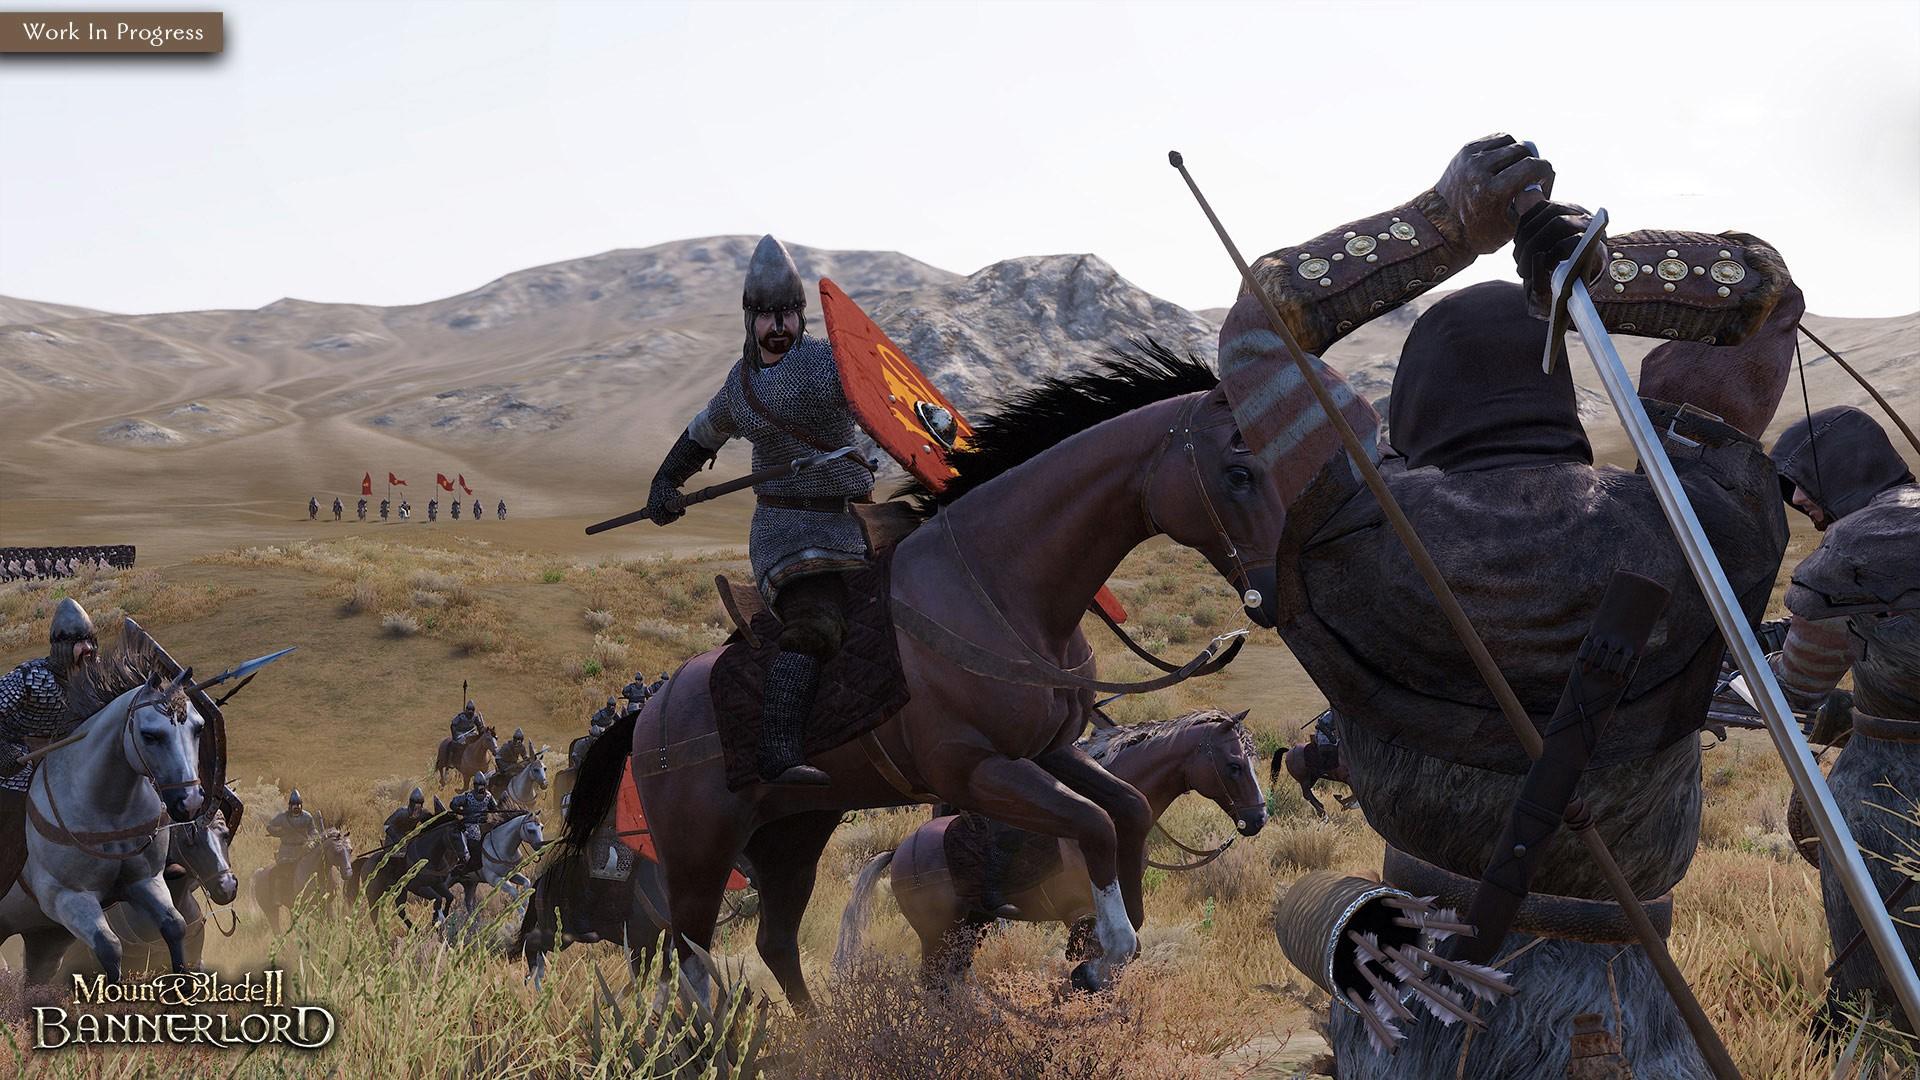 骑马与砍杀2领主怎么使用战术 骑砍2领主战术含义意思介绍